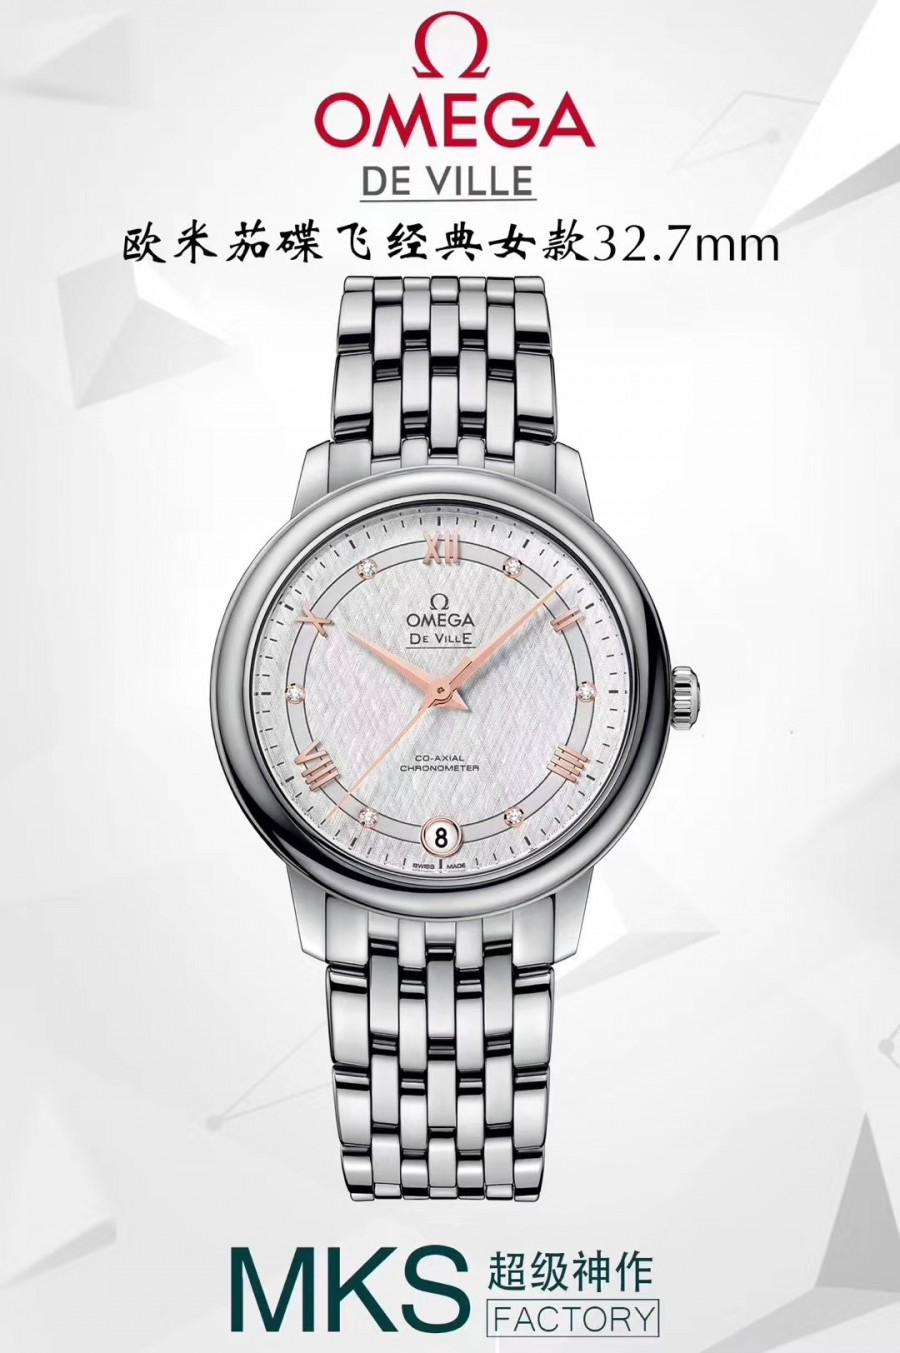 劳力士最好的复刻表是哪款-最好的复刻劳力士手表是哪个厂